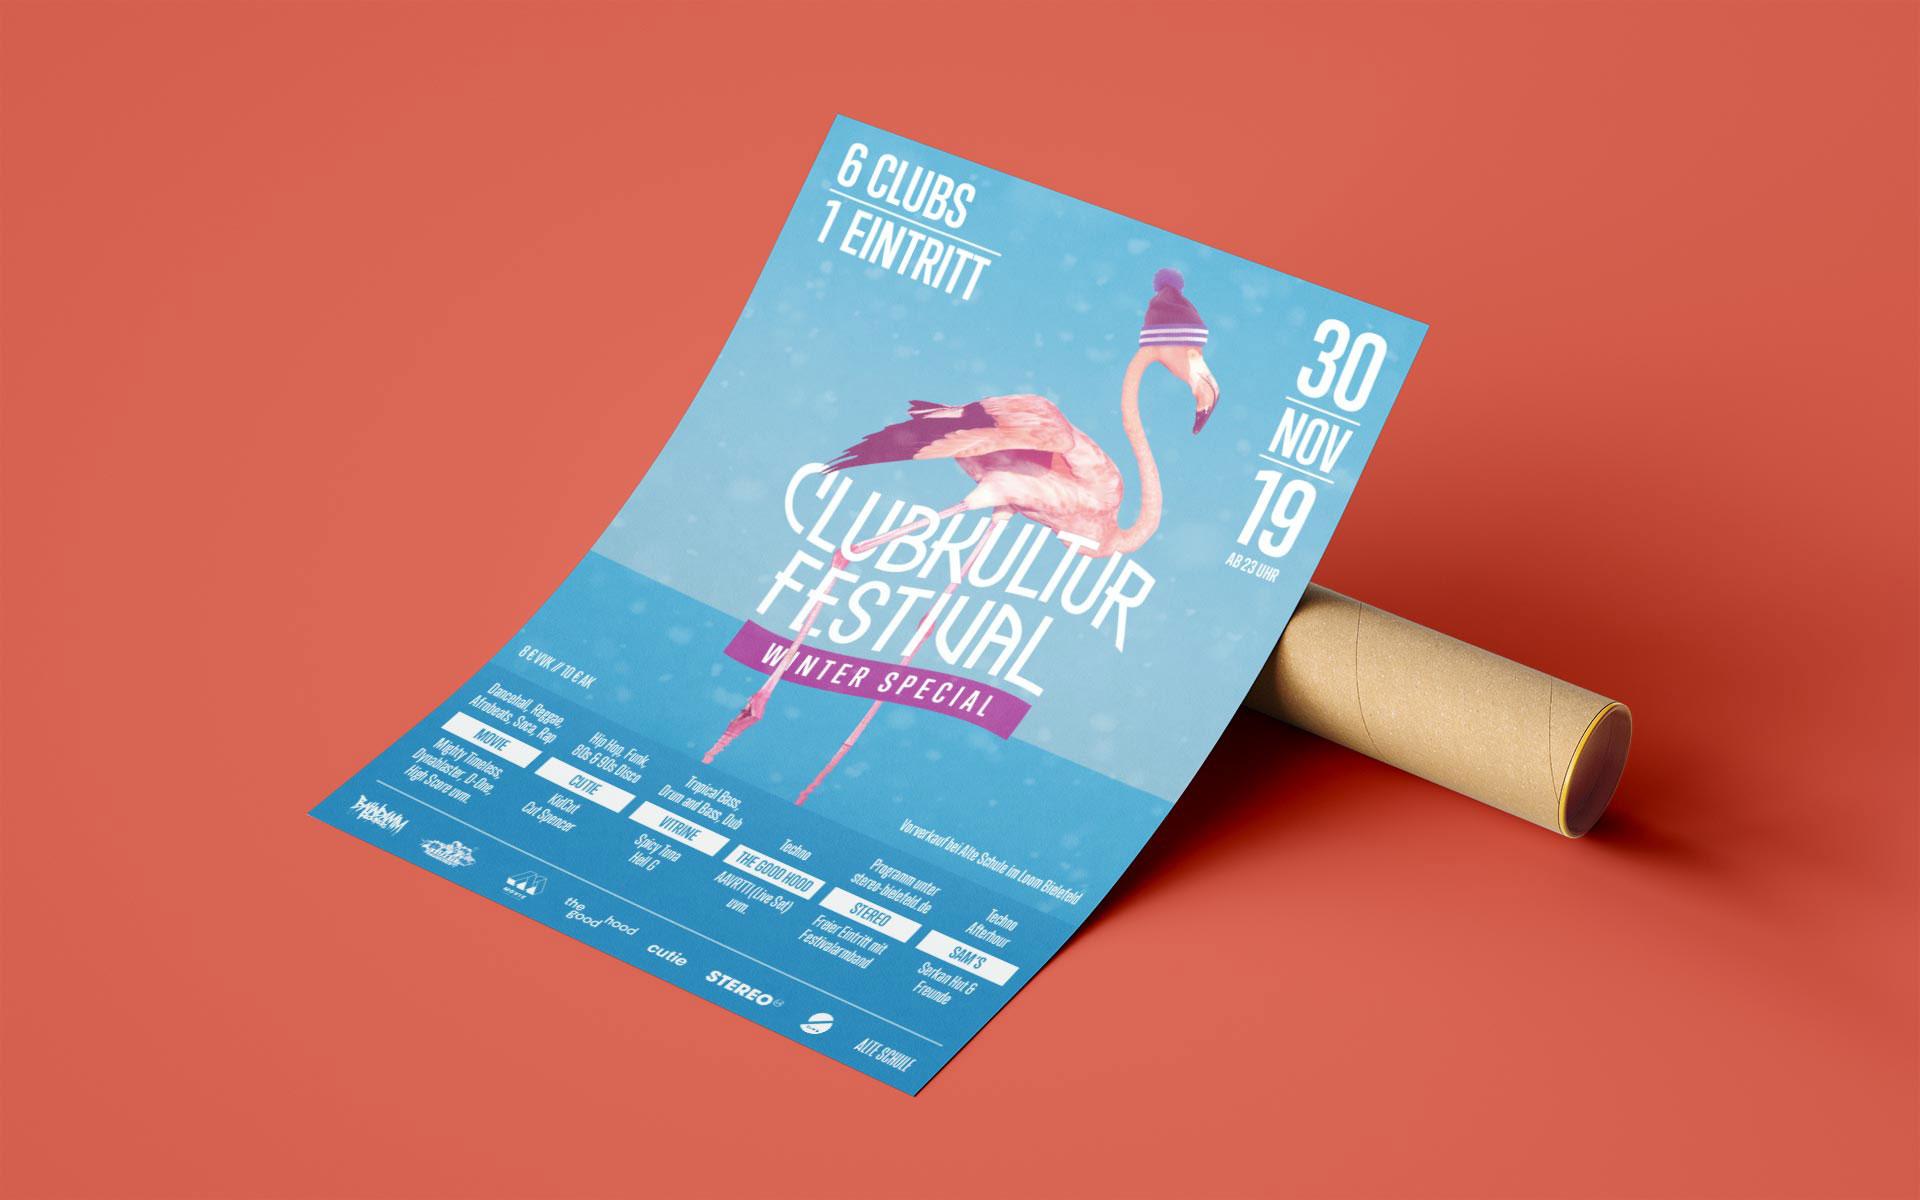 Plakat vom Clubkultur Festival, liegend auf einer Papprolle